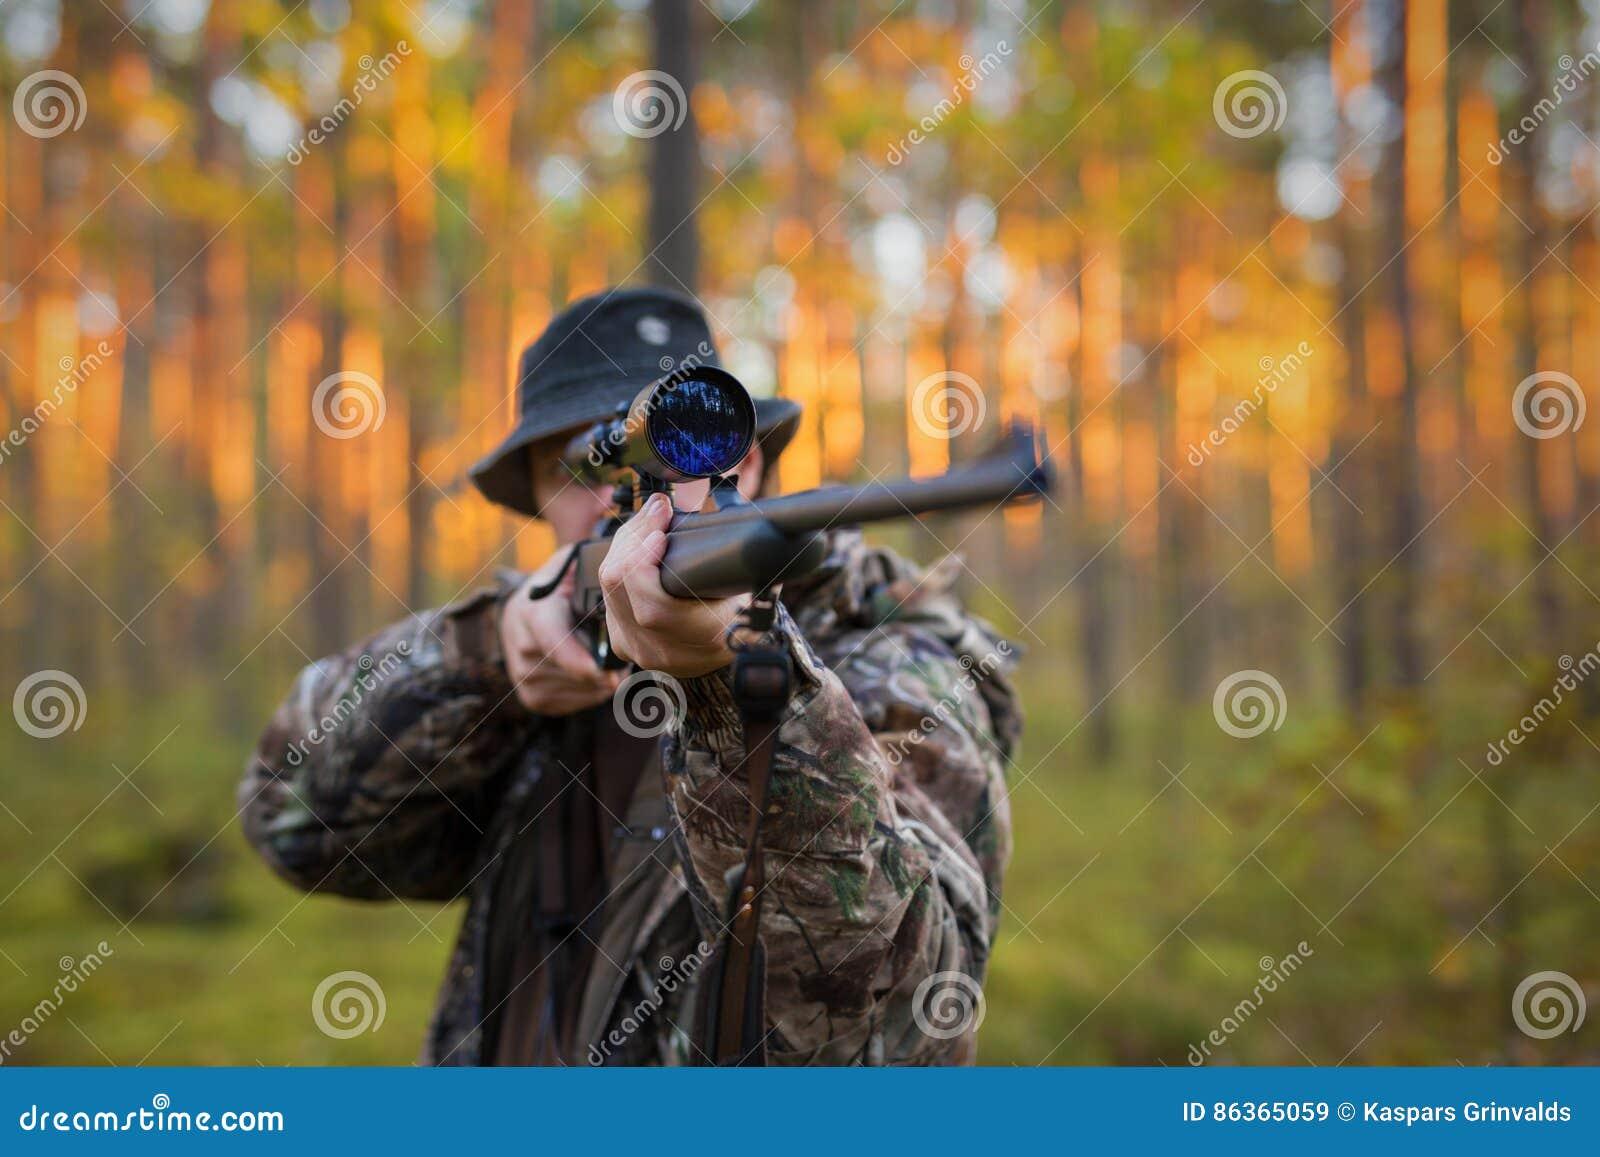 Κυνηγός που πυροβολεί ένα πυροβόλο όπλο κυνηγιού